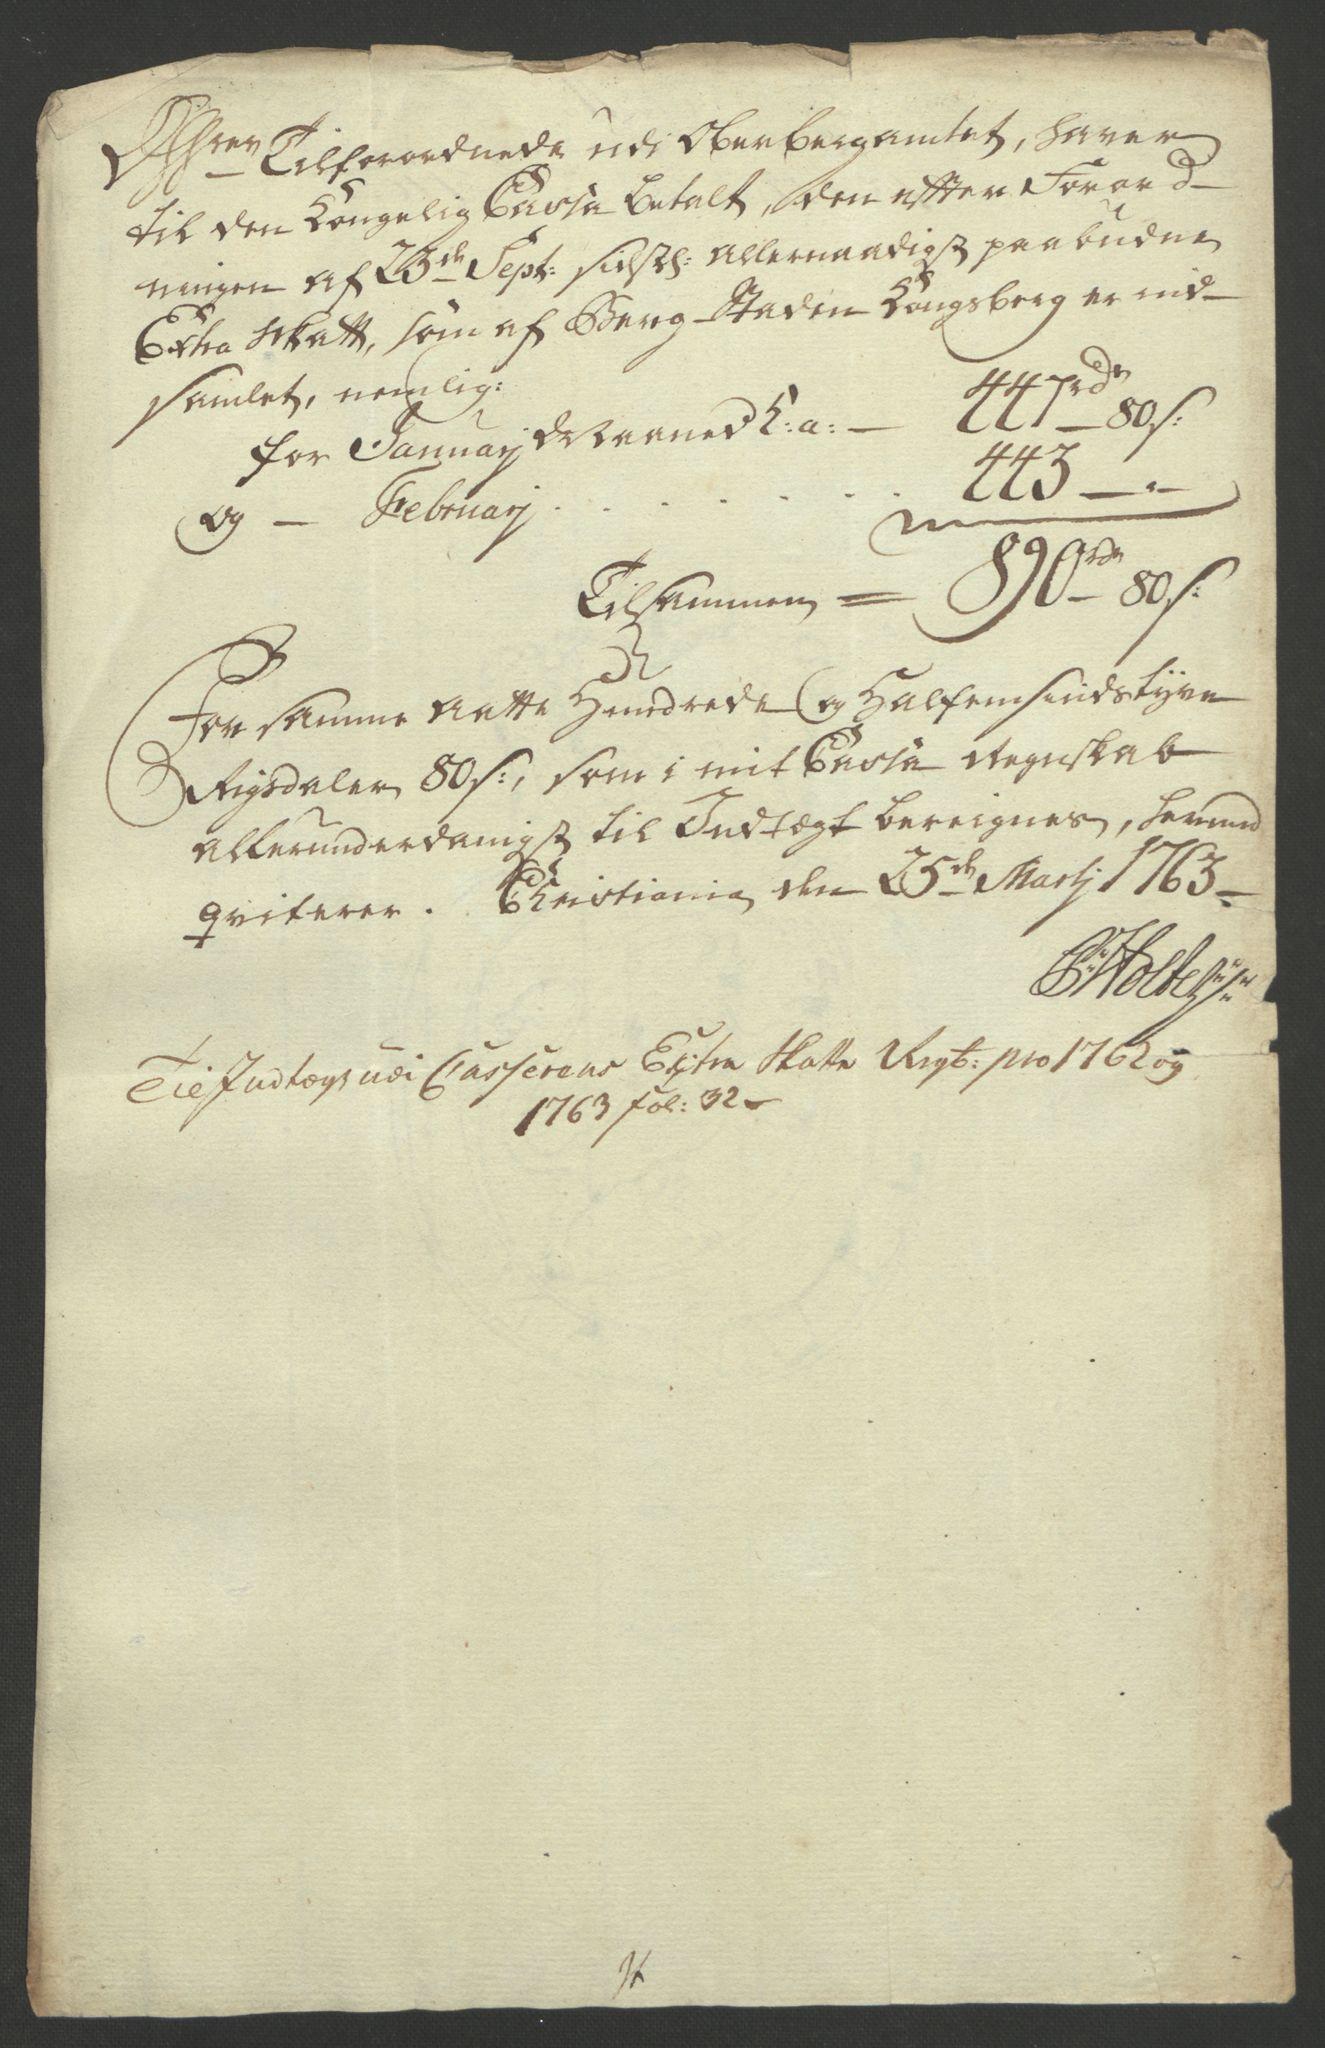 RA, Rentekammeret inntil 1814, Reviderte regnskaper, Bergverksregnskaper, R/Rc/Rca/L0843: Ekstraskatt, 1762-1765, s. 600